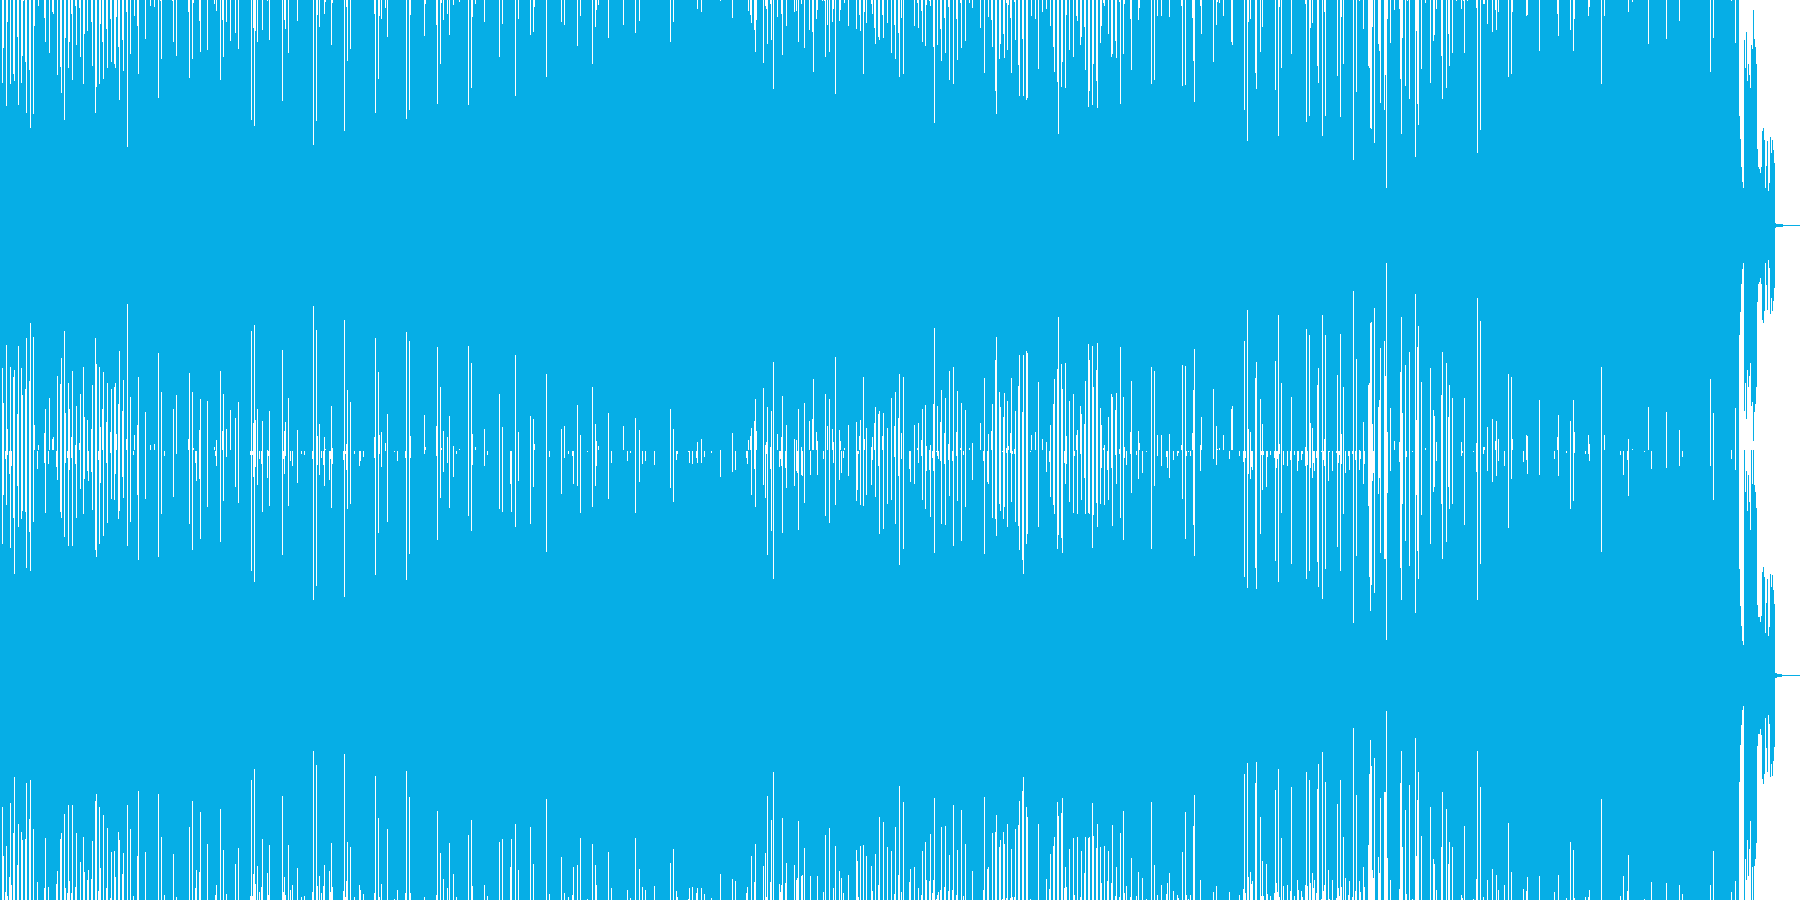 ロボットがダンスして歌うエレクトロポップの再生済みの波形